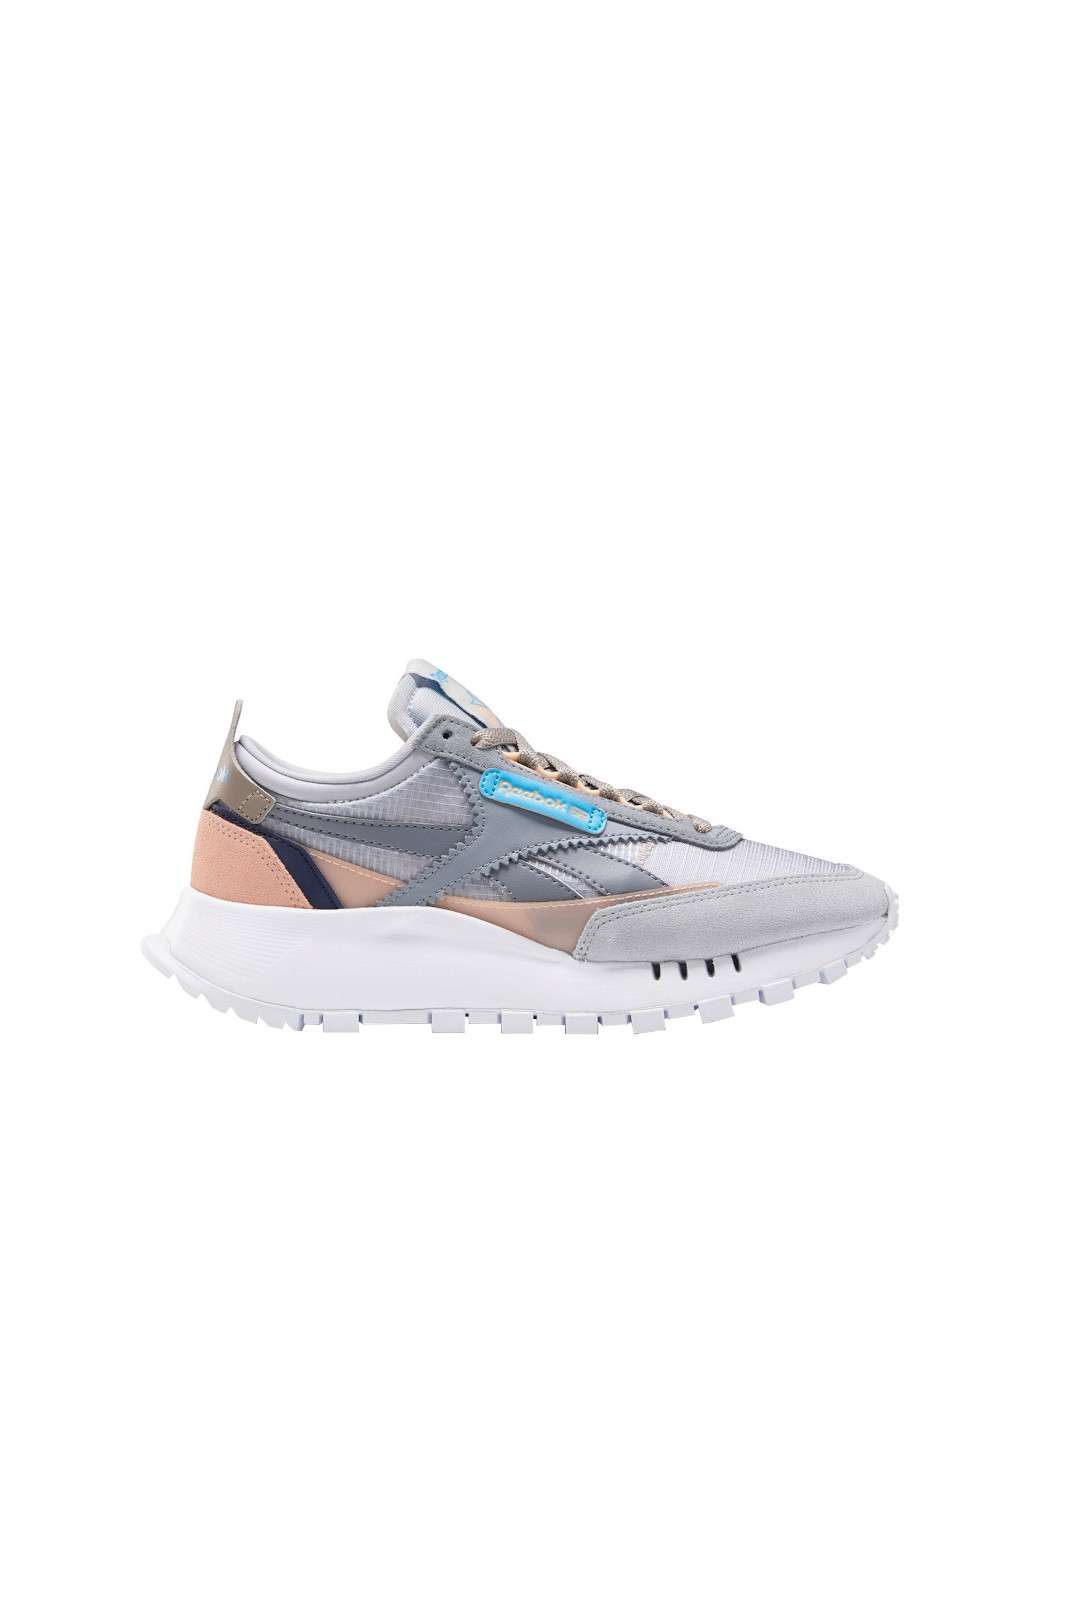 Contemporanea e glamour, la nuova sneaker proposta dalla collezione donna Reebok. Il modello chunky si presenta colorato e versatile, da abbinare con look da street style o con uno spirito jogging sono un'alternativa agli outfit più basic.